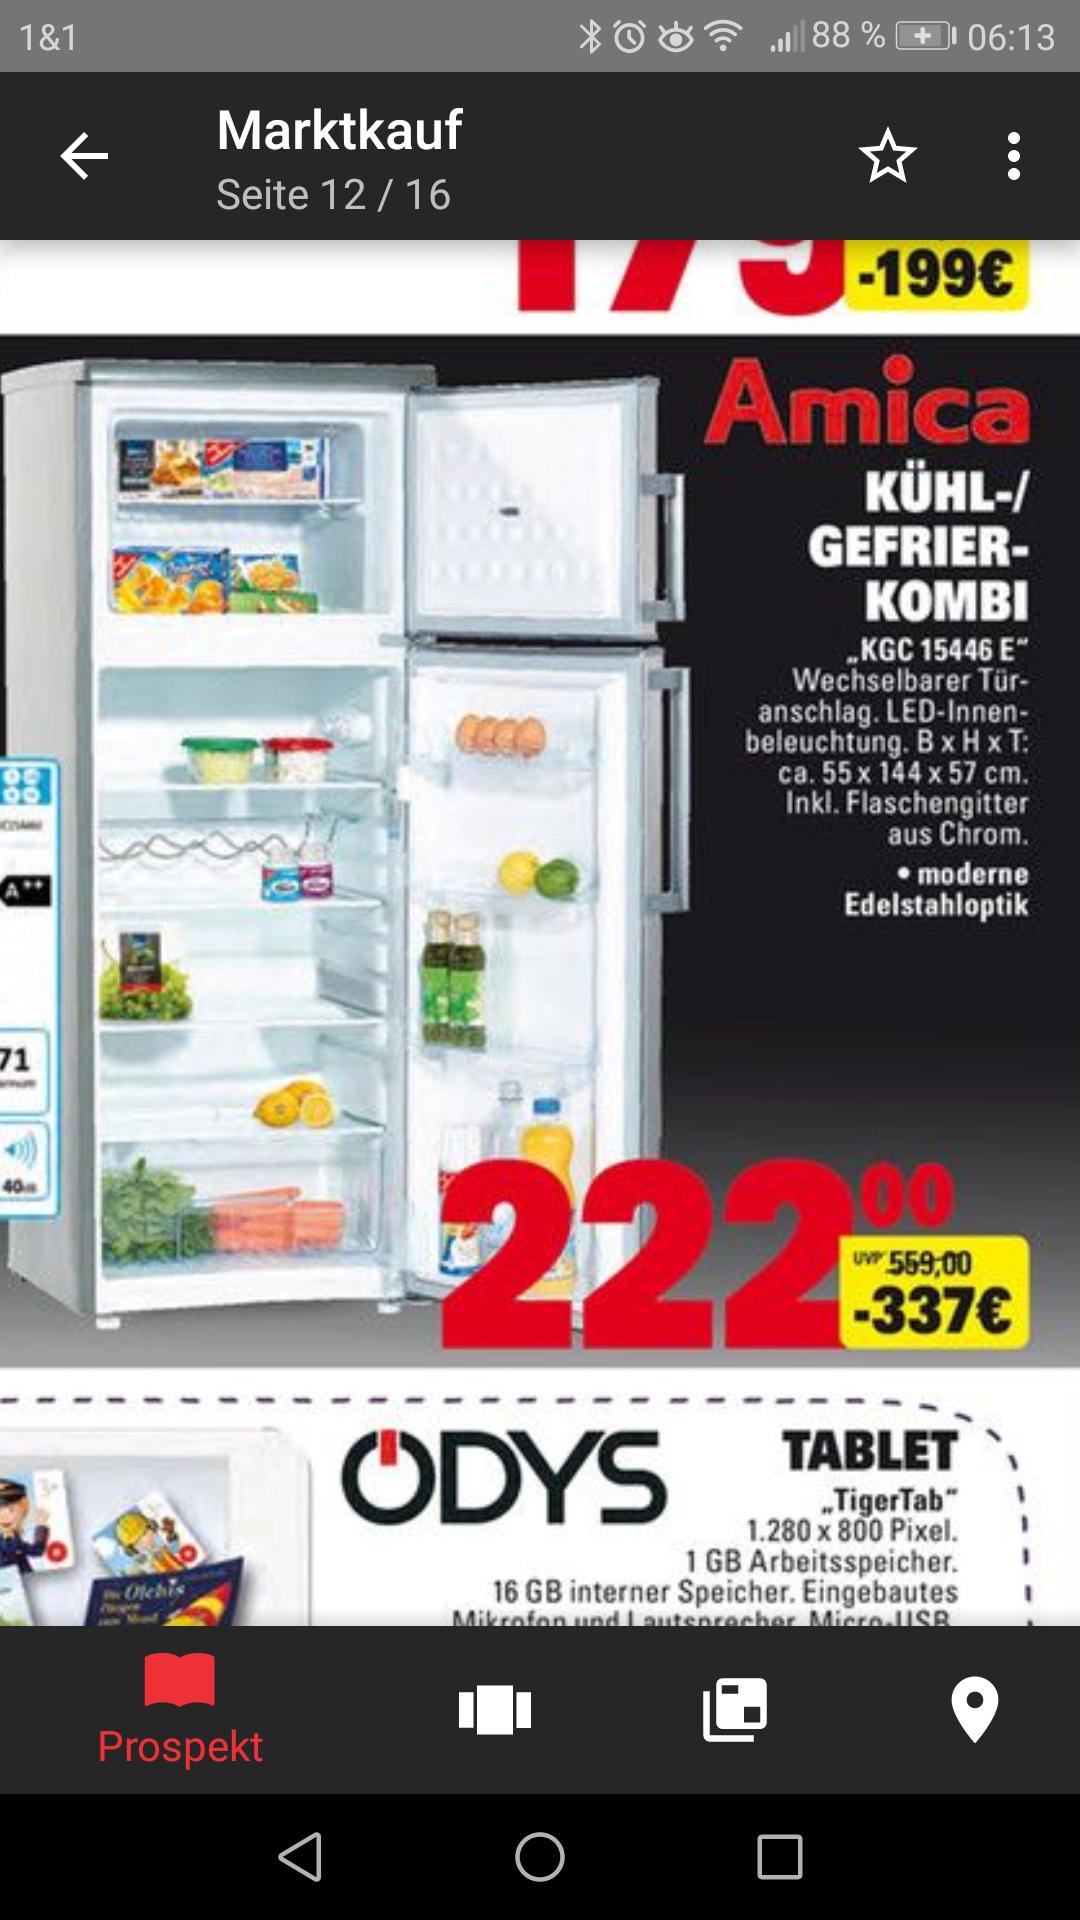 Amica KGC15446E Kühl/Gefrierschrank für 222 statt 269 Euro